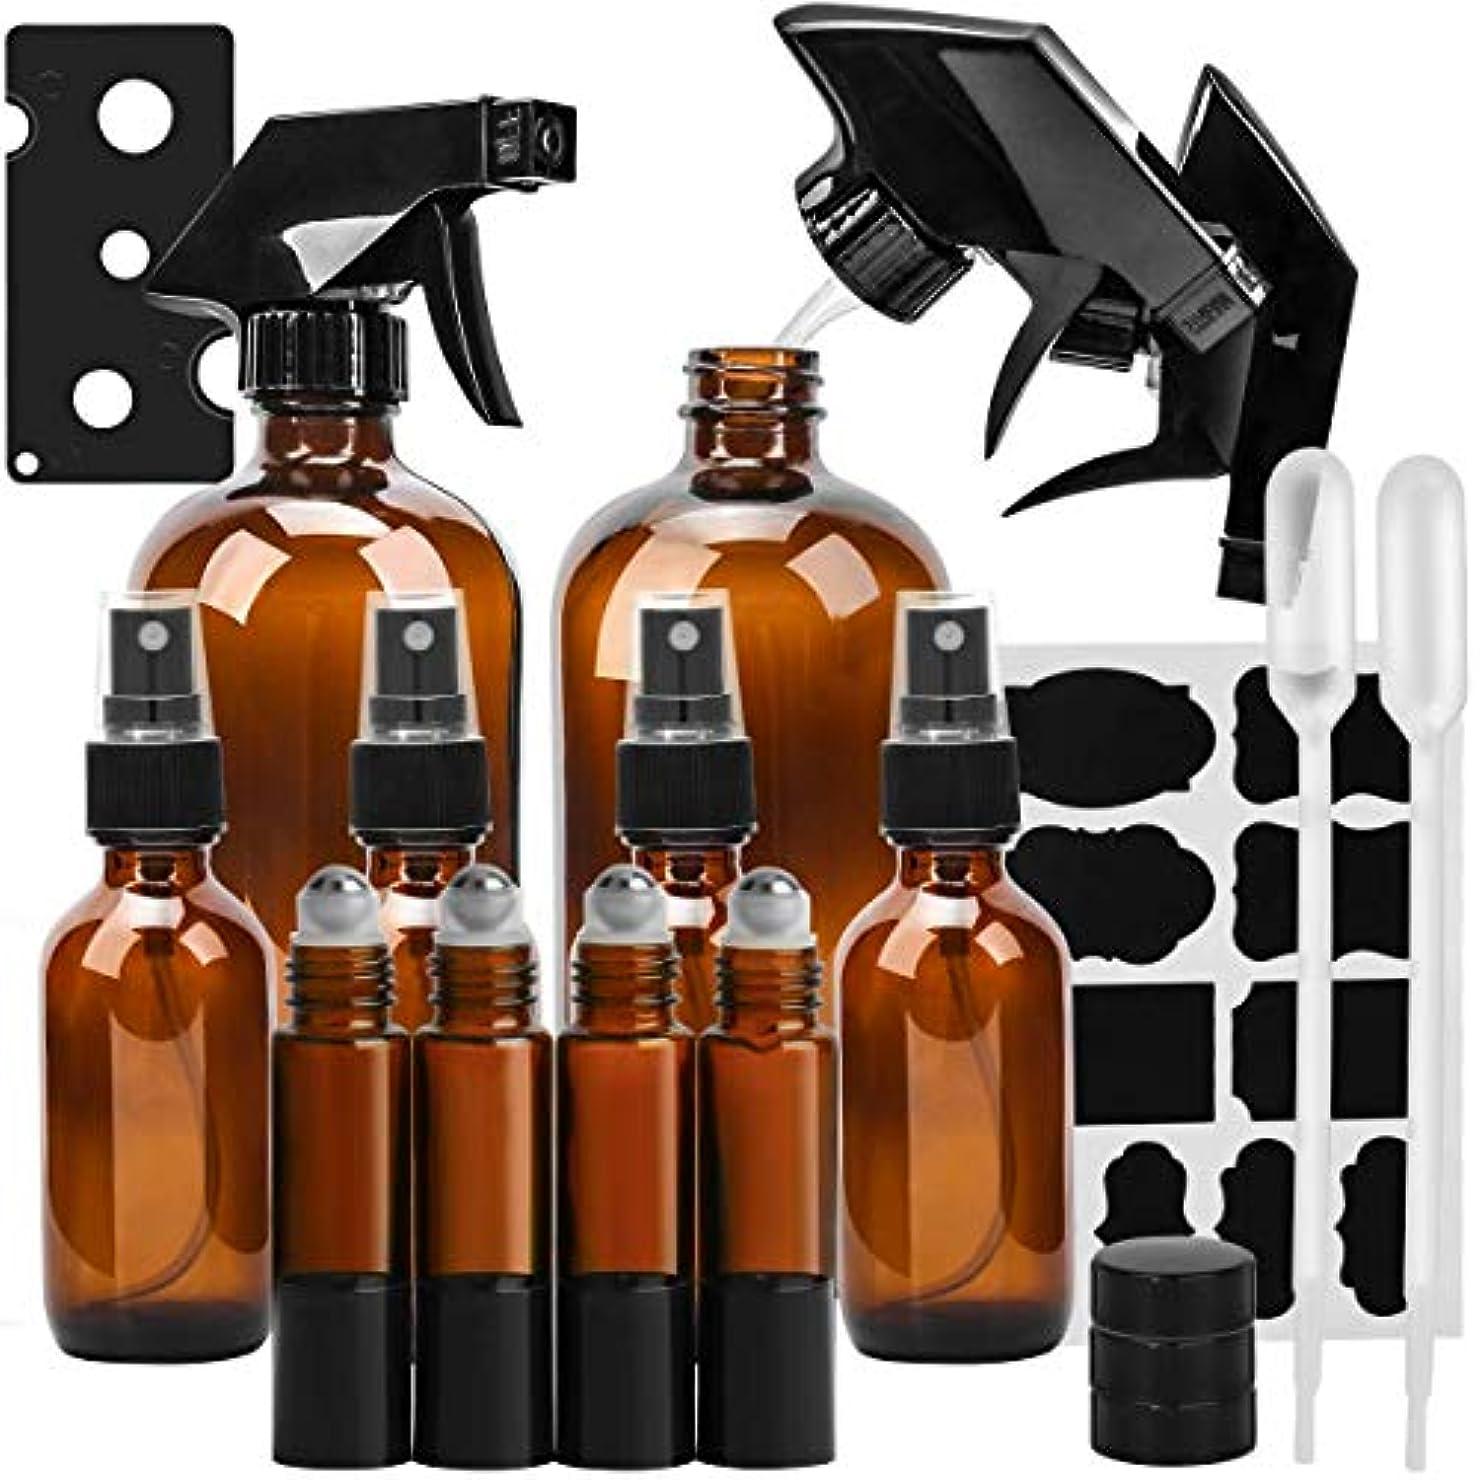 かもしれない仲介者放射するKAMOTA 16オンス×2 2オンス×4 10ミリリットルローラーボトル×4 - 製品やアロマテラピーを清掃エッセンシャルオイル 用 詰め替え容器 セットガラススプレーボトルアンバーガラススプレーボトル アンバー-2